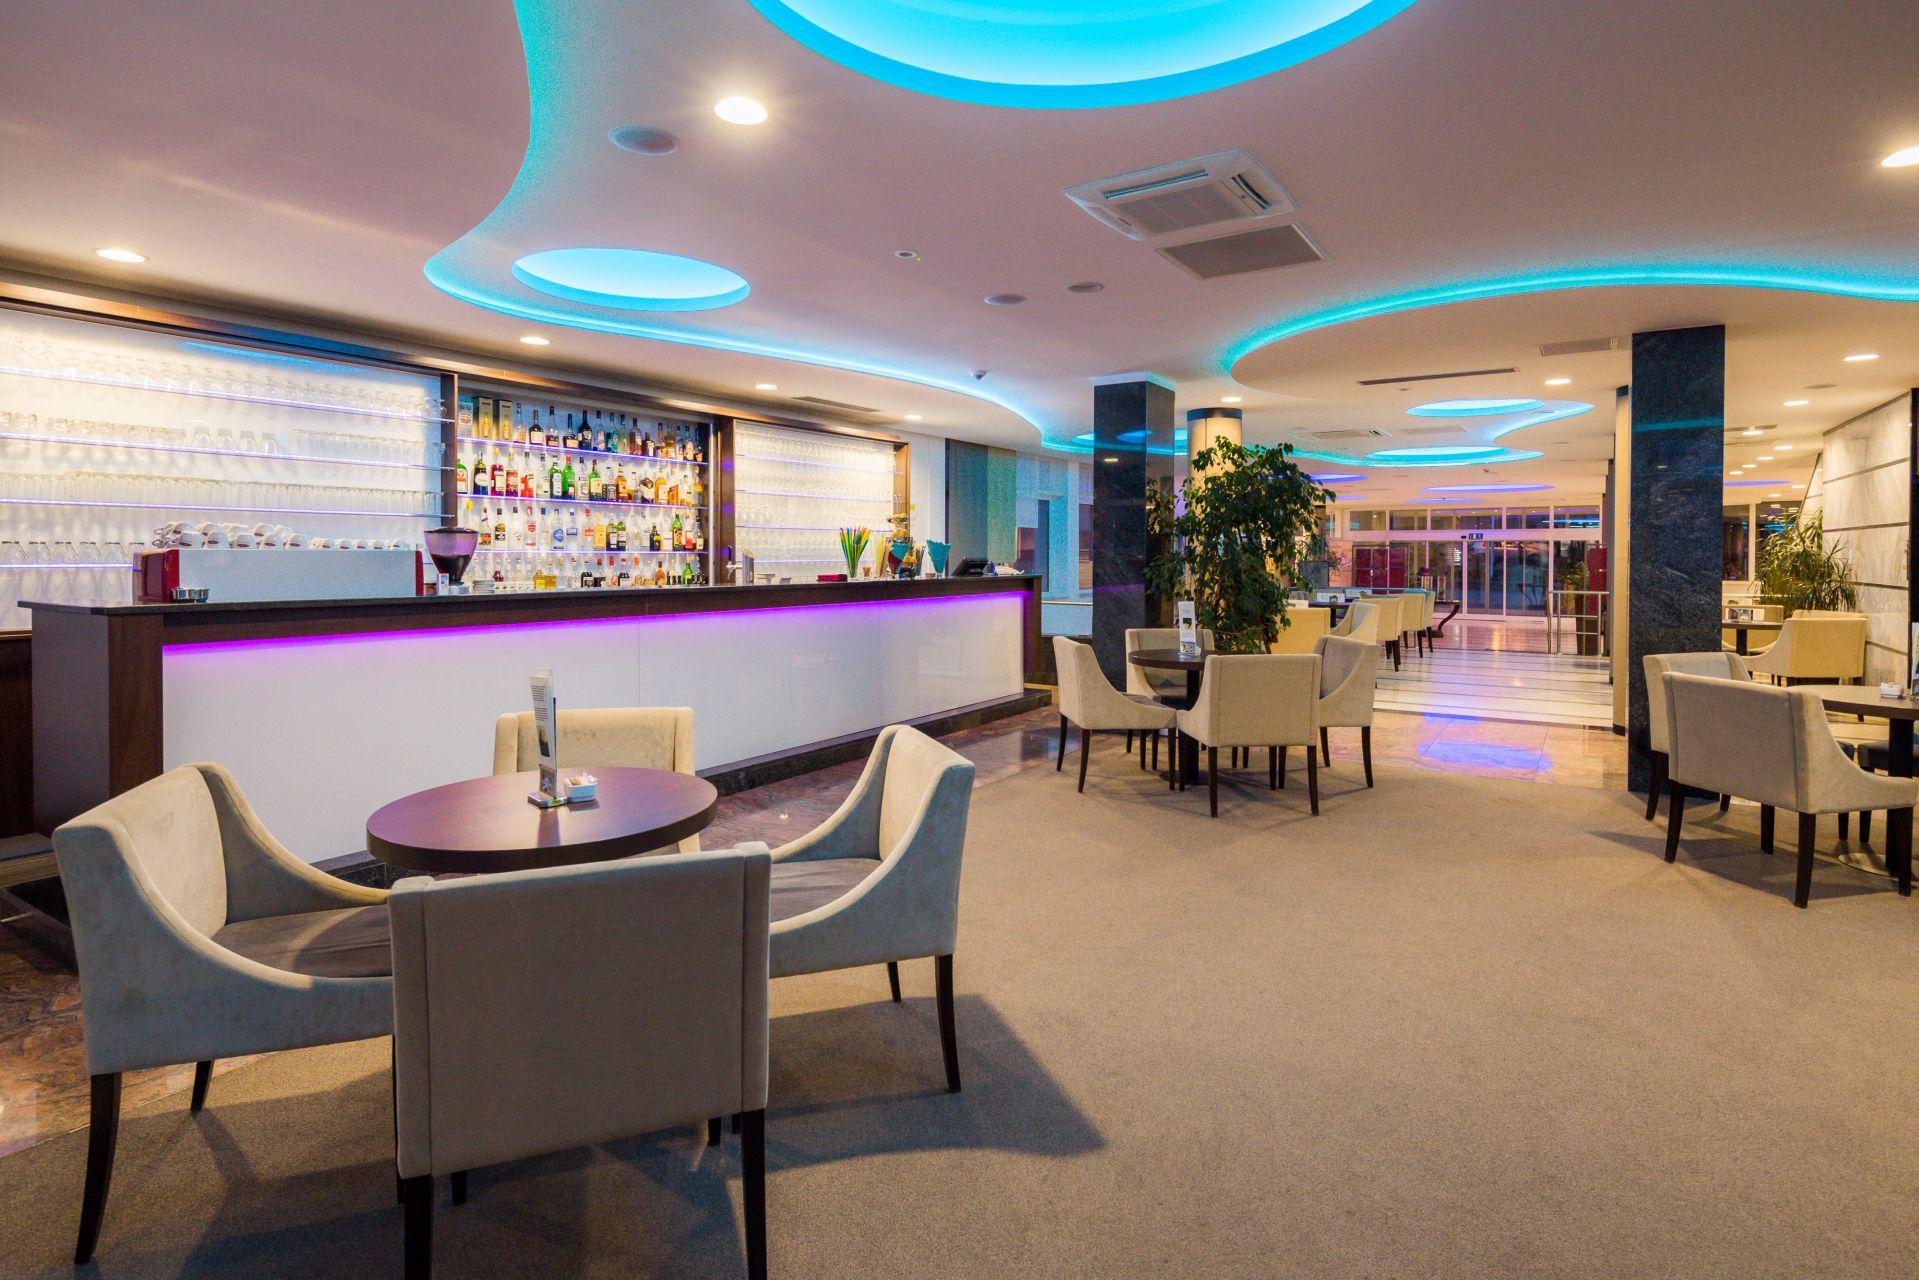 aperitif bar 06 14639064429 o - Zora Hotel